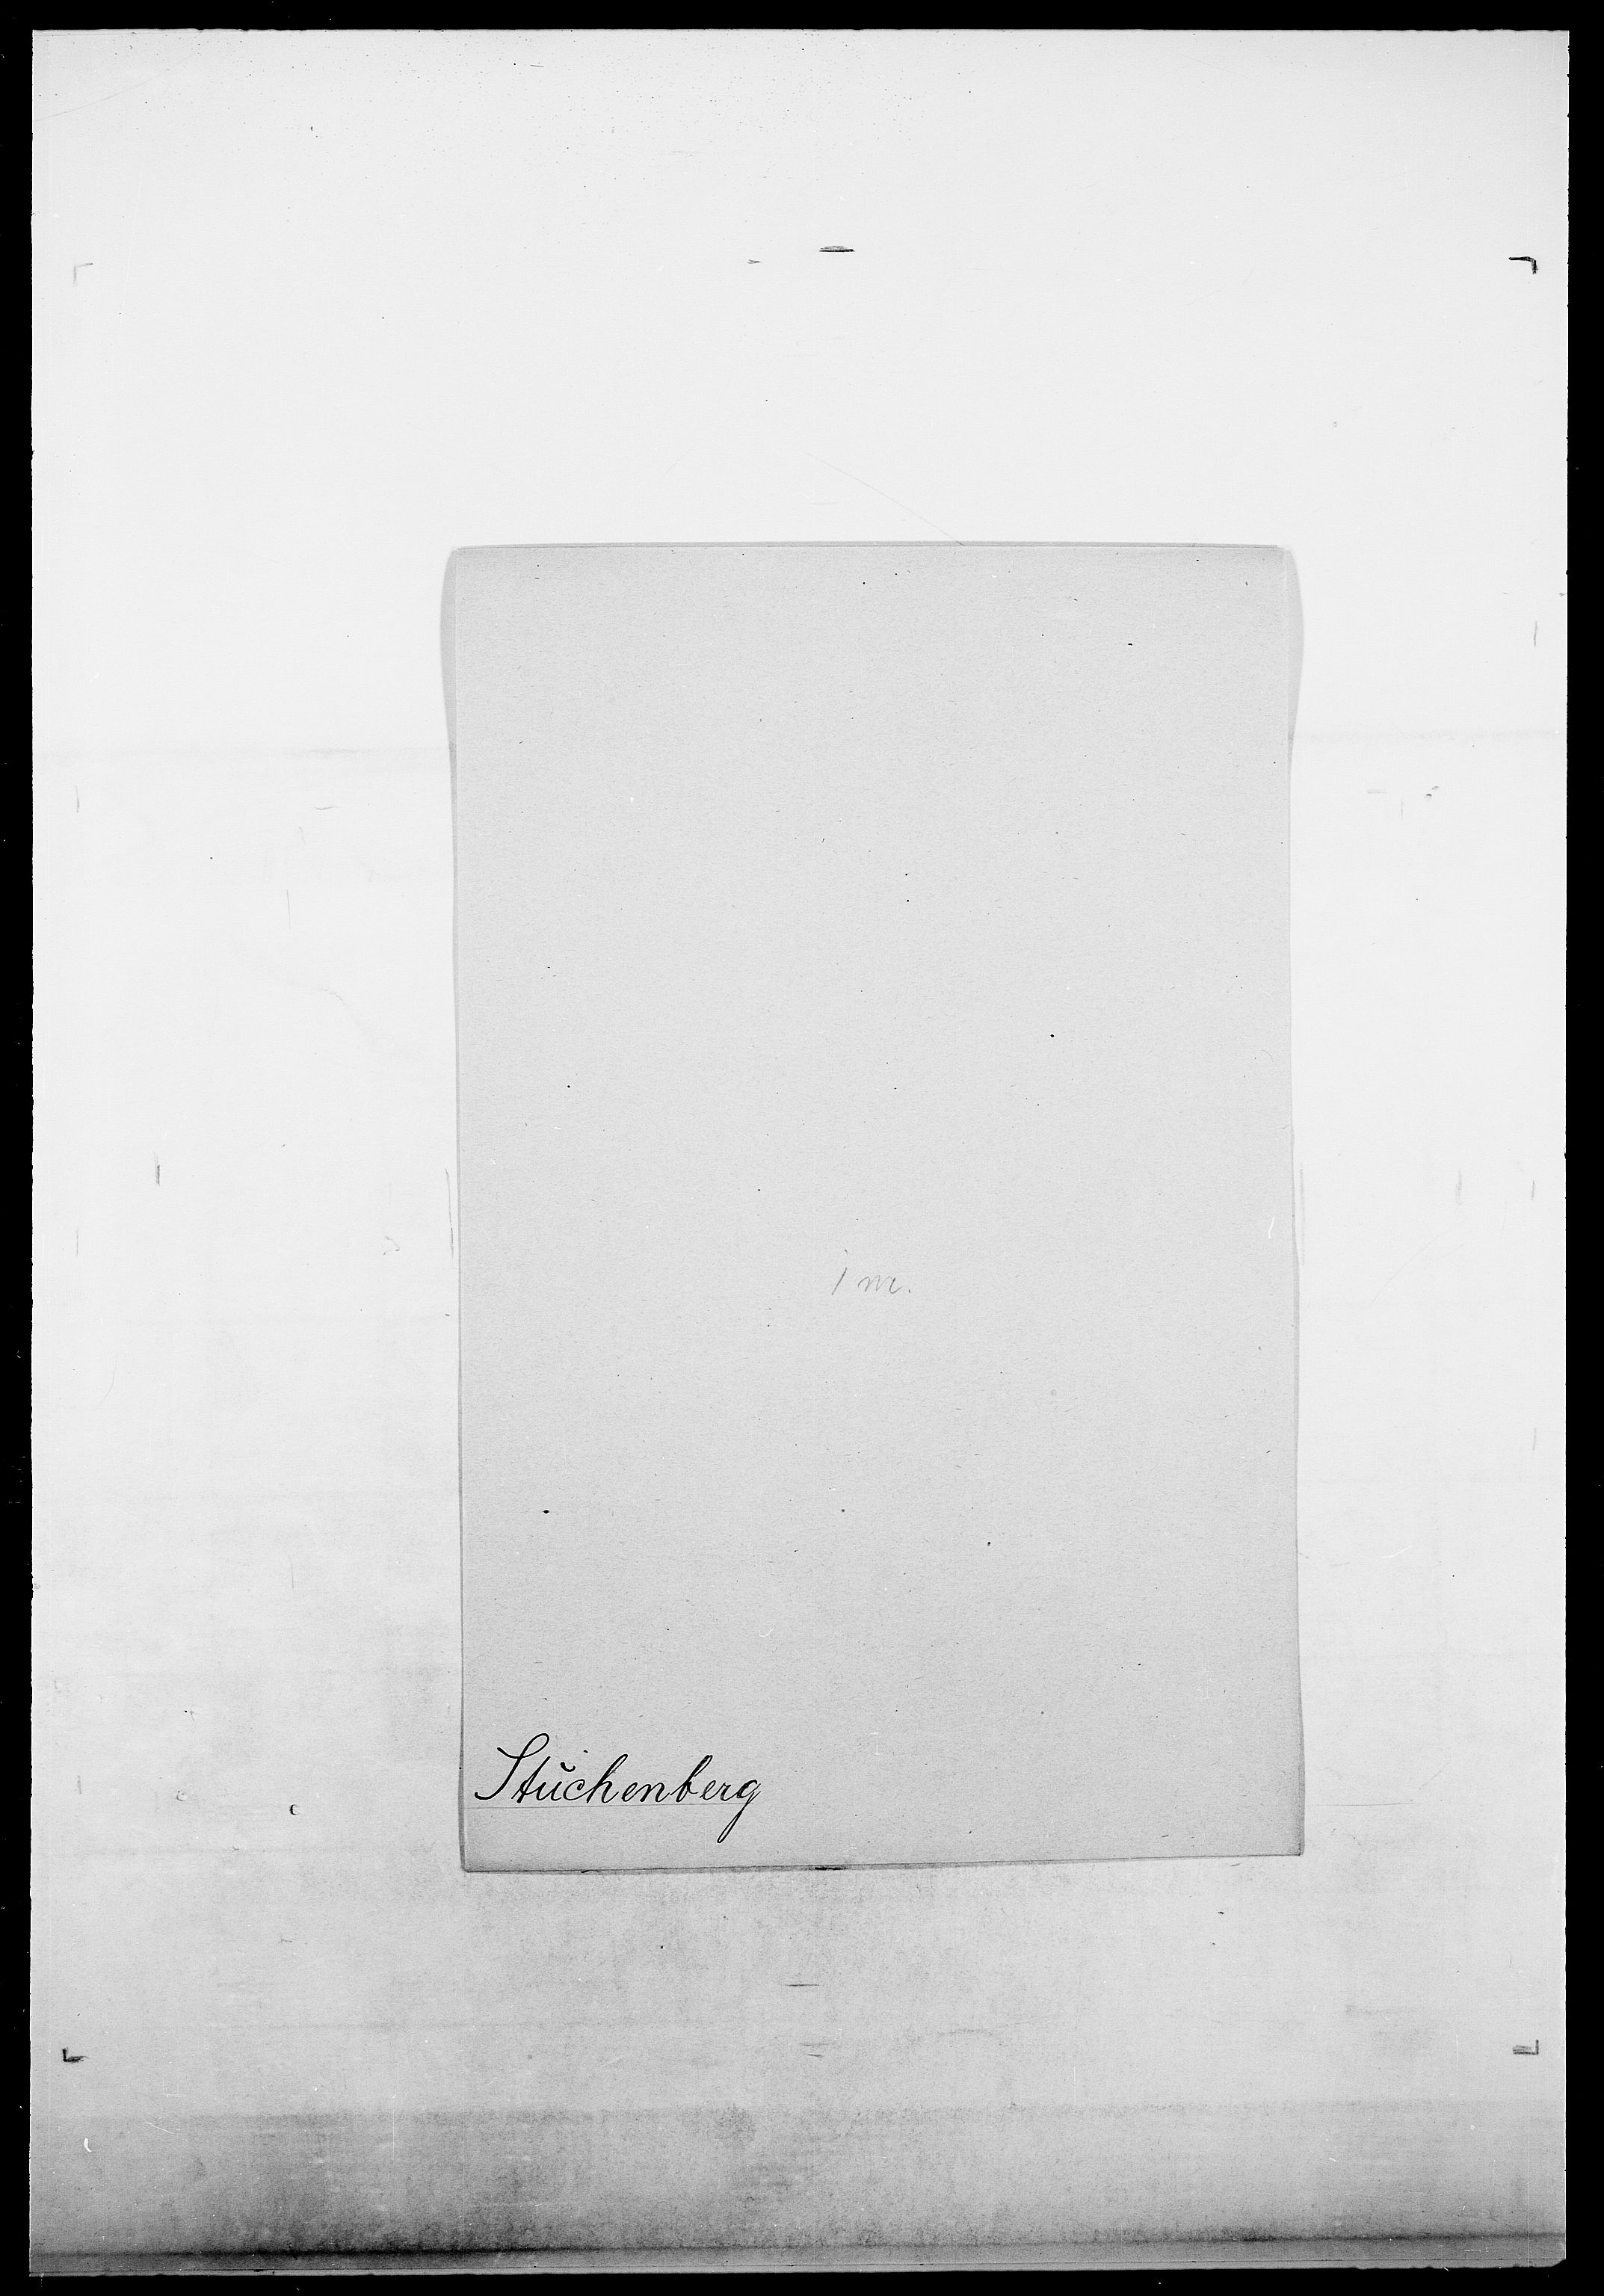 SAO, Delgobe, Charles Antoine - samling, D/Da/L0037: Steen, Sthen, Stein - Svare, Svanige, Svanne, se også Svanning og Schwane, s. 802